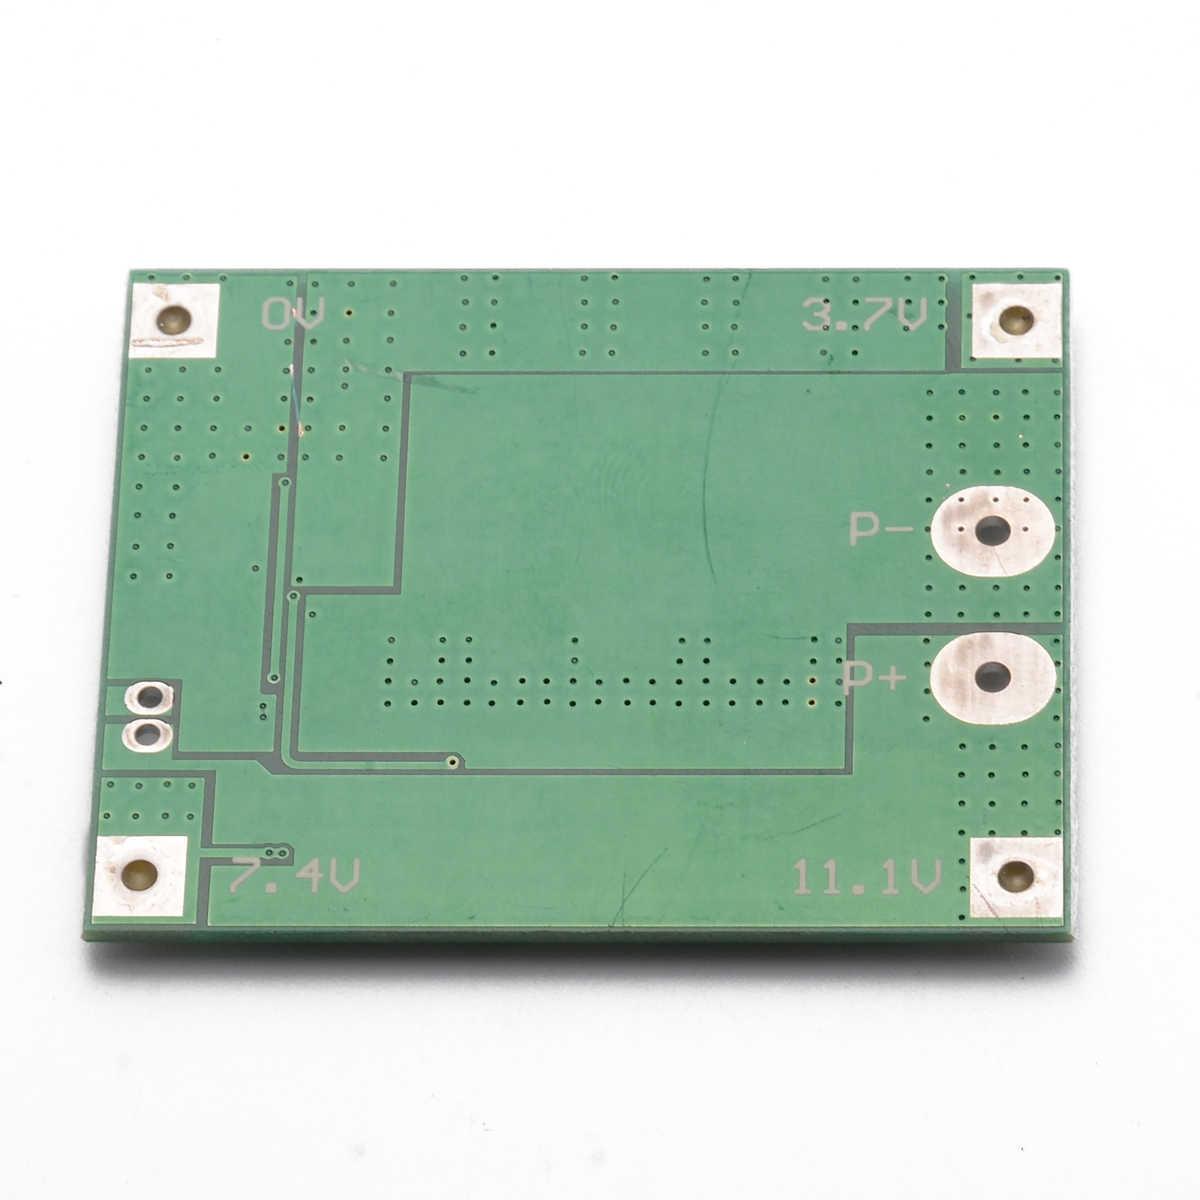 新 3S 40A リチウムイオンリチウムバッテリー充電器モジュール BMS 保護充電ボード 12.6 V-13.6 V 電圧保護ボード